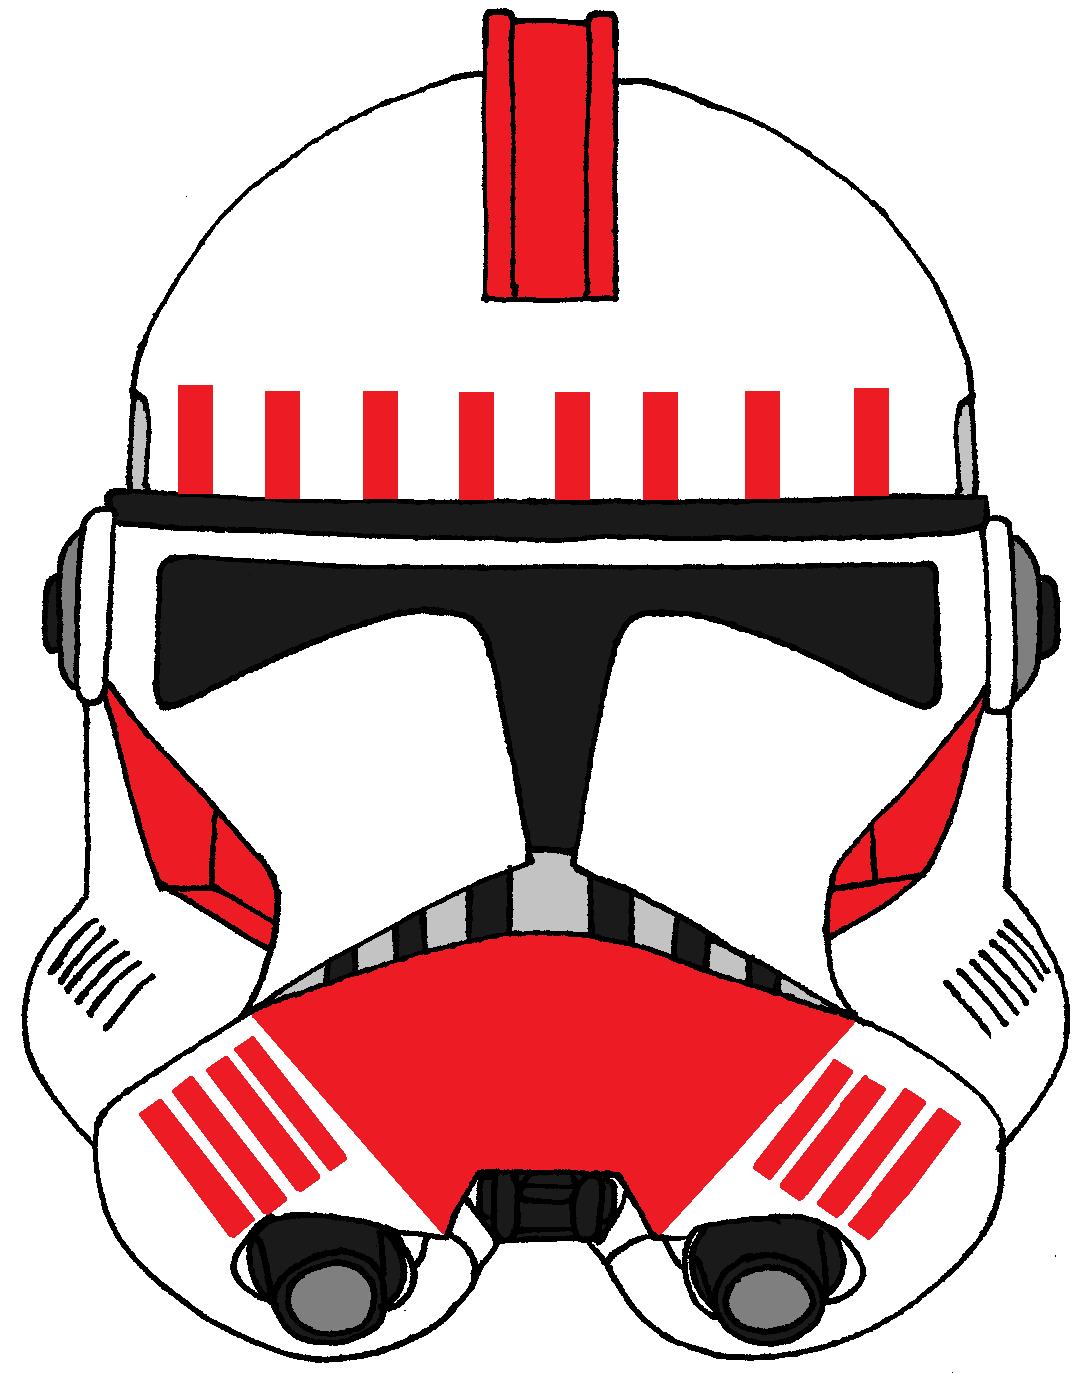 Clone Trooper Helmet Shock Troopers Phase 2 Star Wars Helmet Star Wars Clone Wars Clone Trooper Helmet